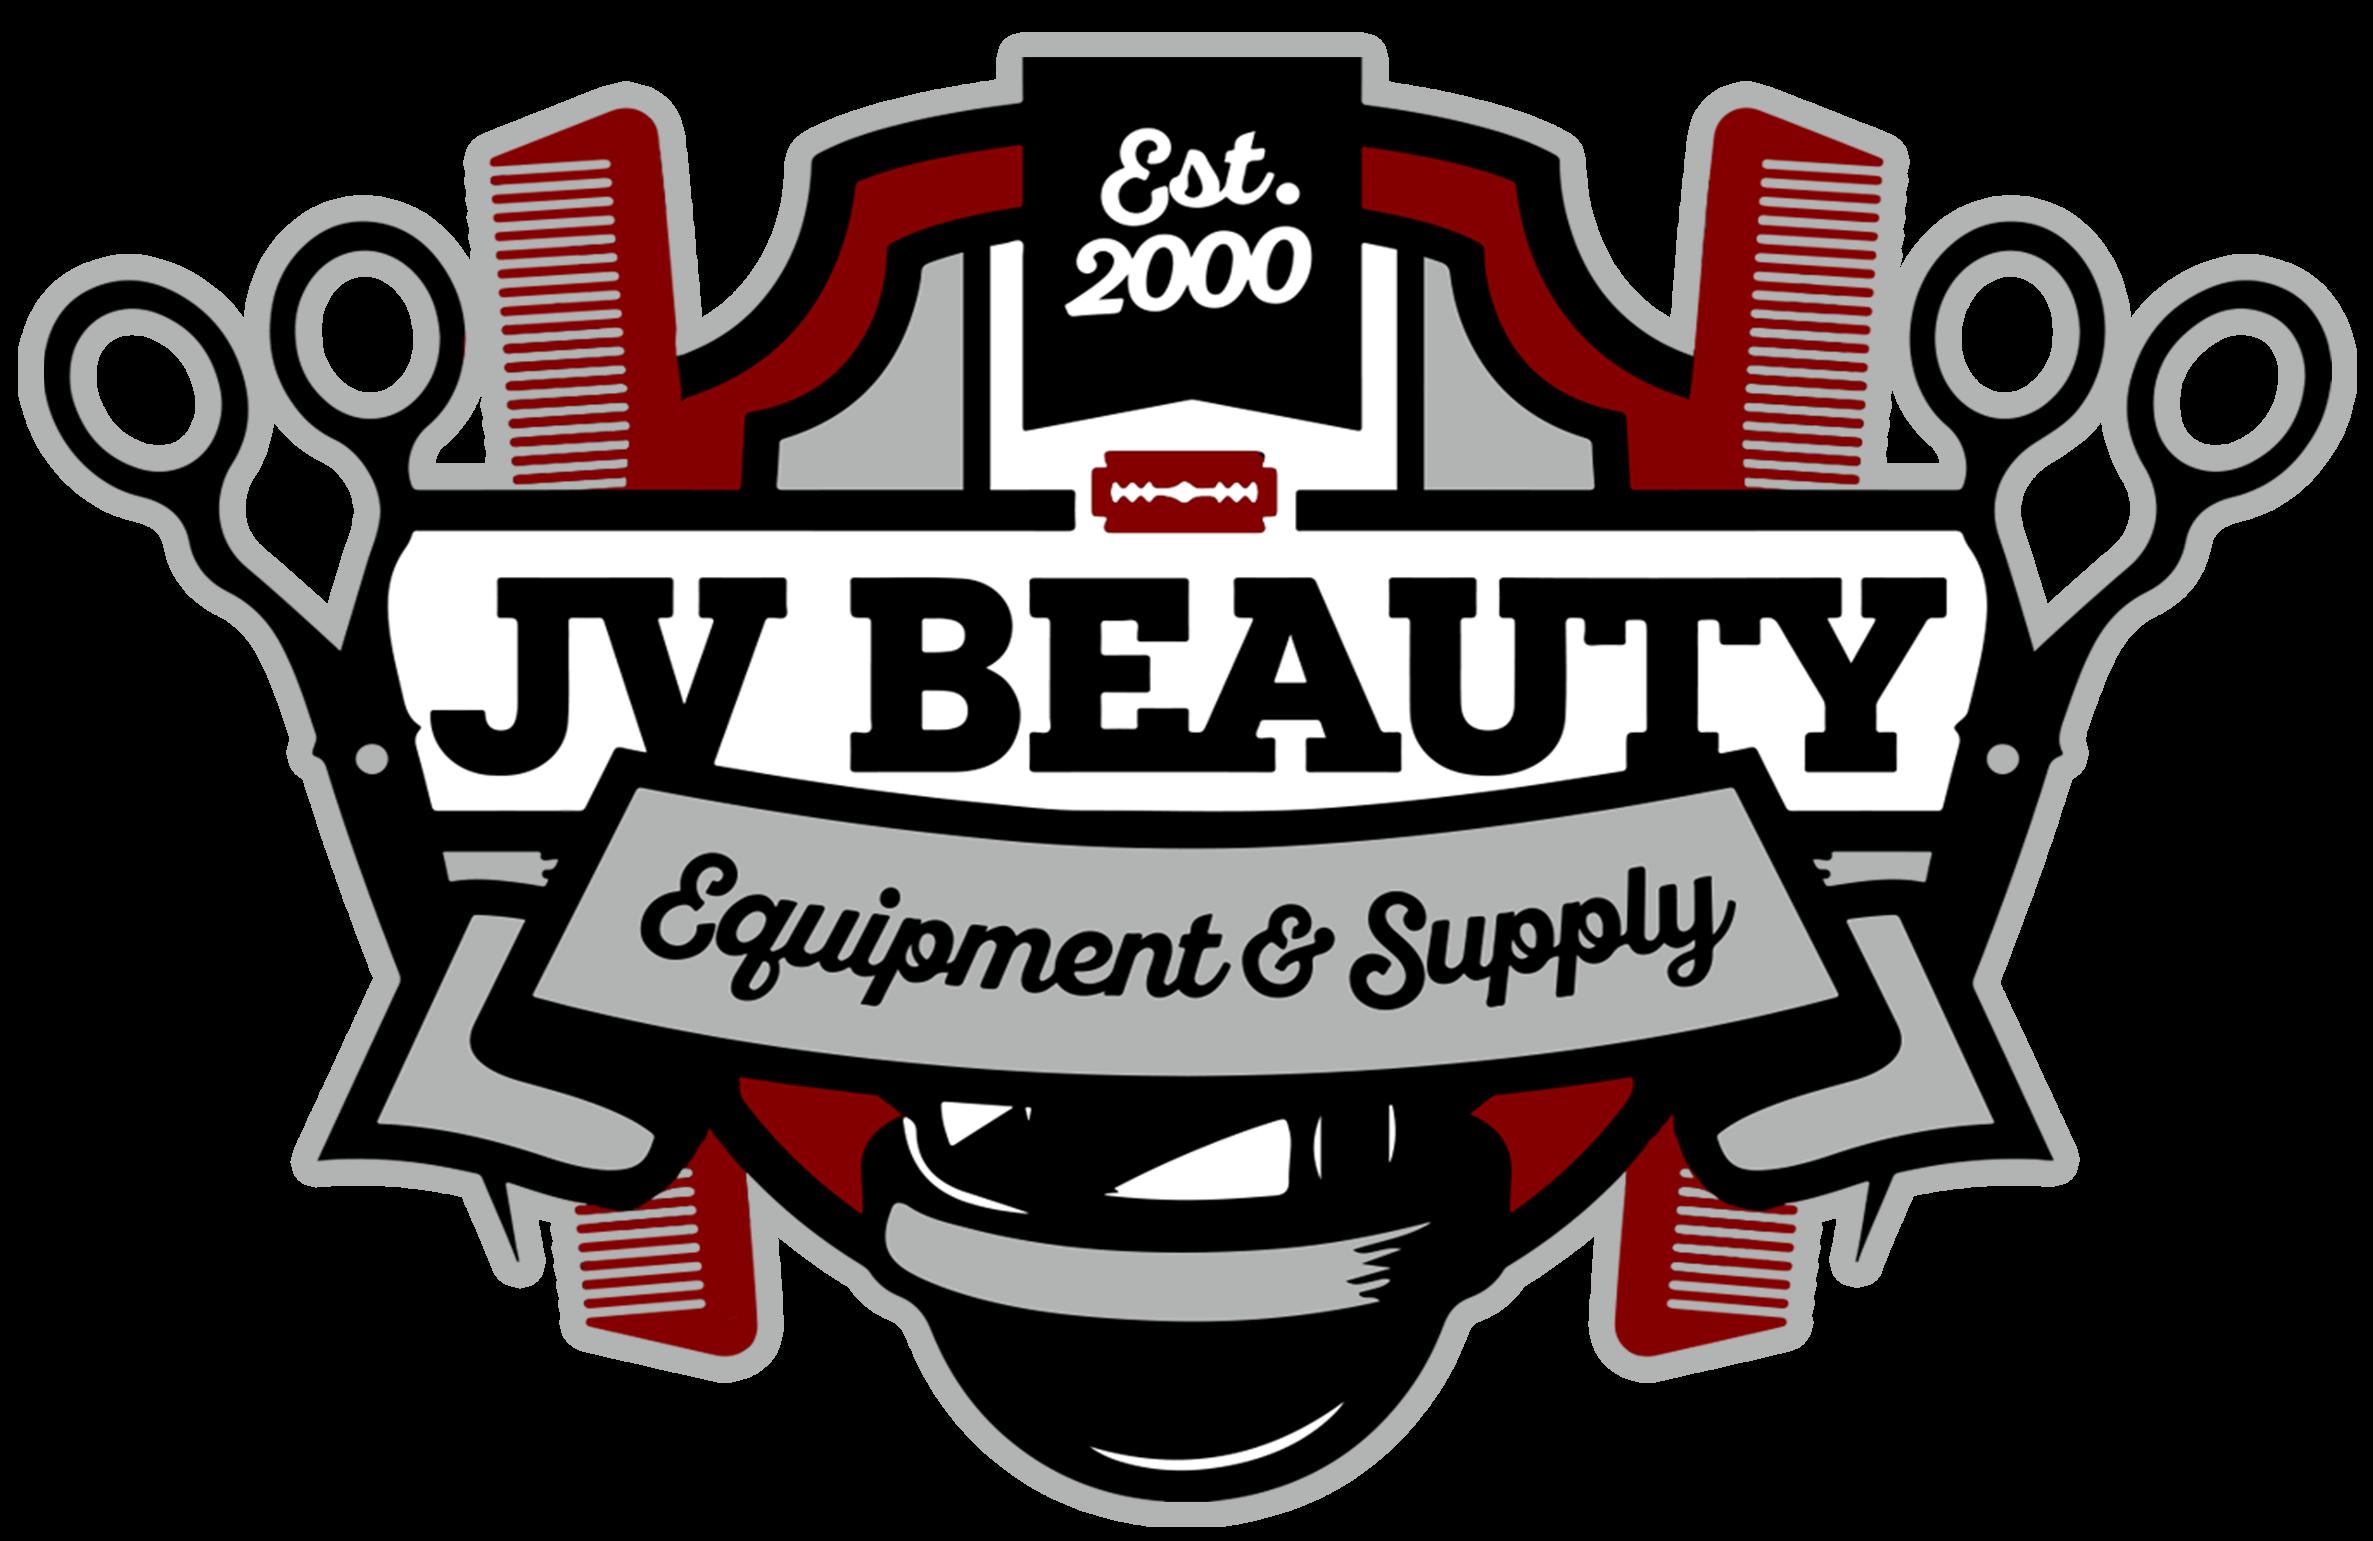 JV Beauty Equipment